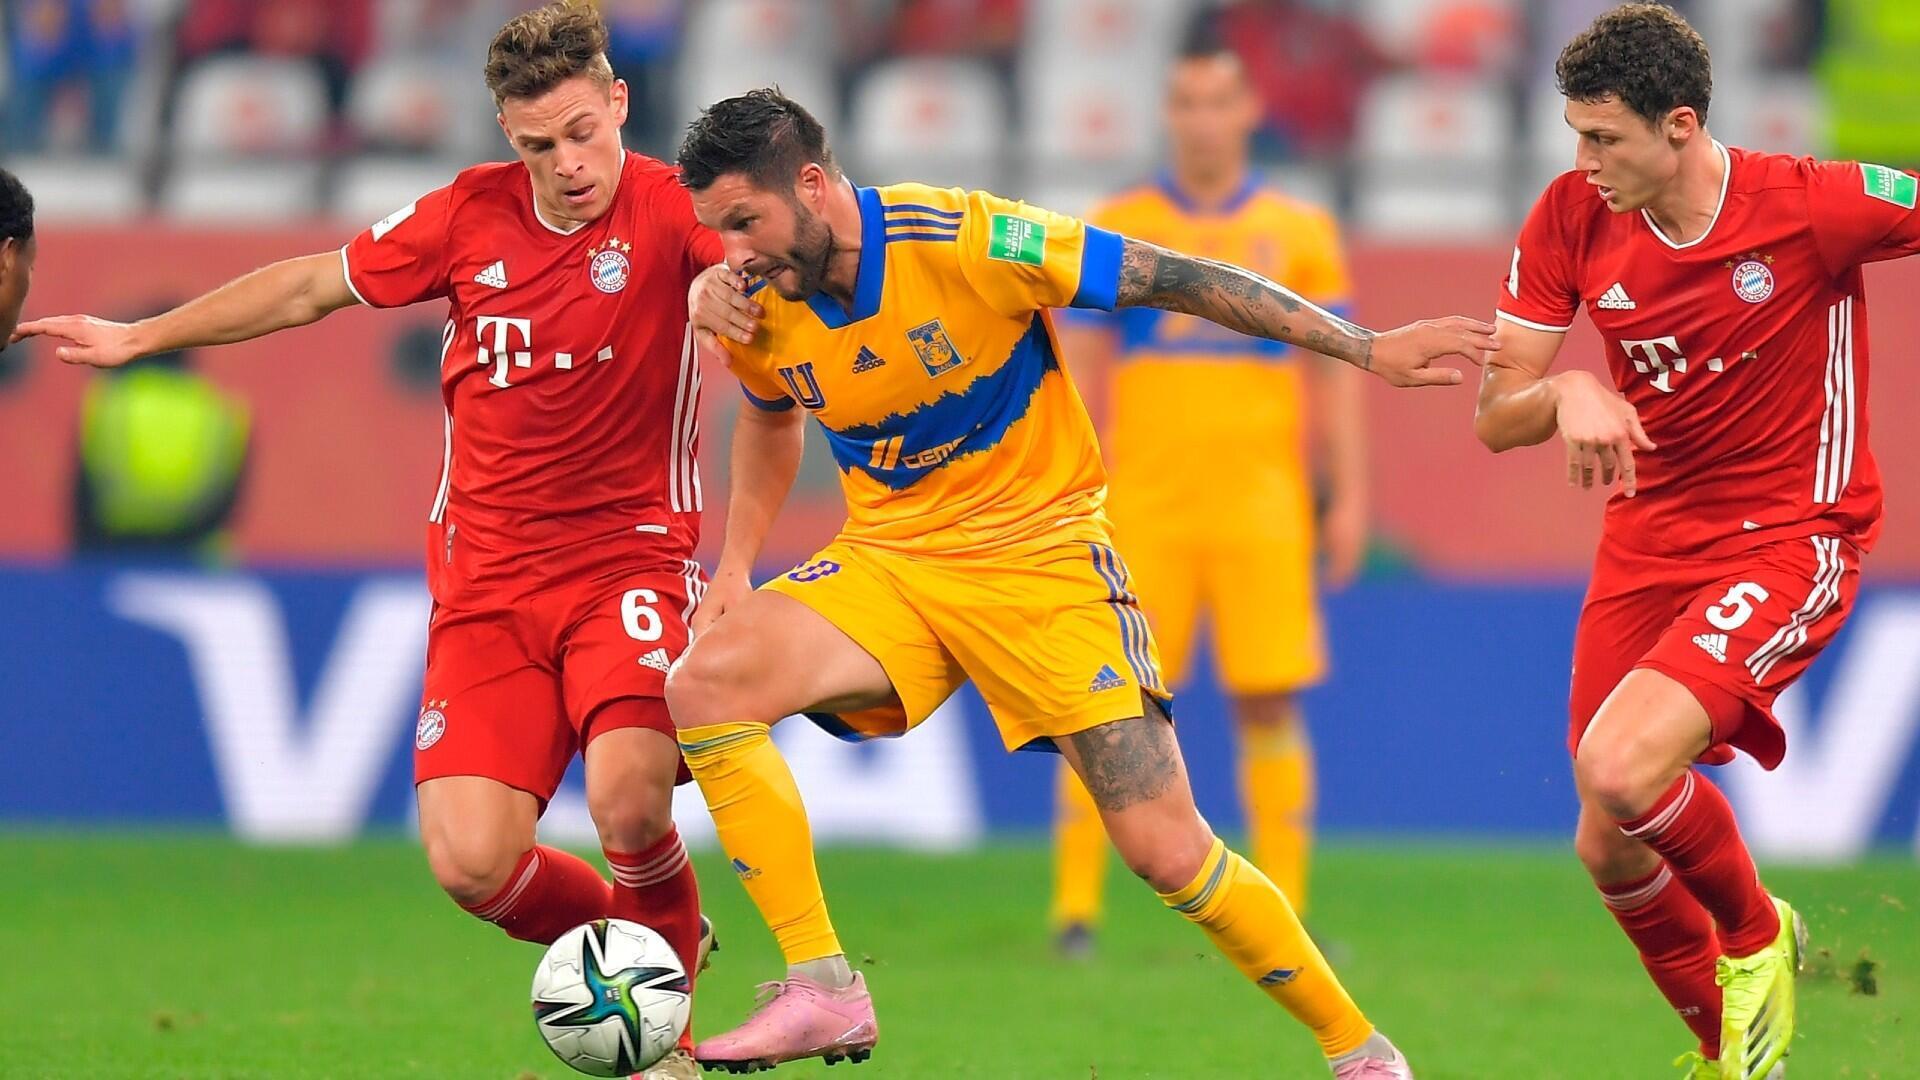 André-Pierre Gignac, estrella y capitán de Tigres, pelea por una pelota en la final del Mundial de Clubes ante el Bayern de Múnich en Doha, Qatar. 11 de febrero de 2021.